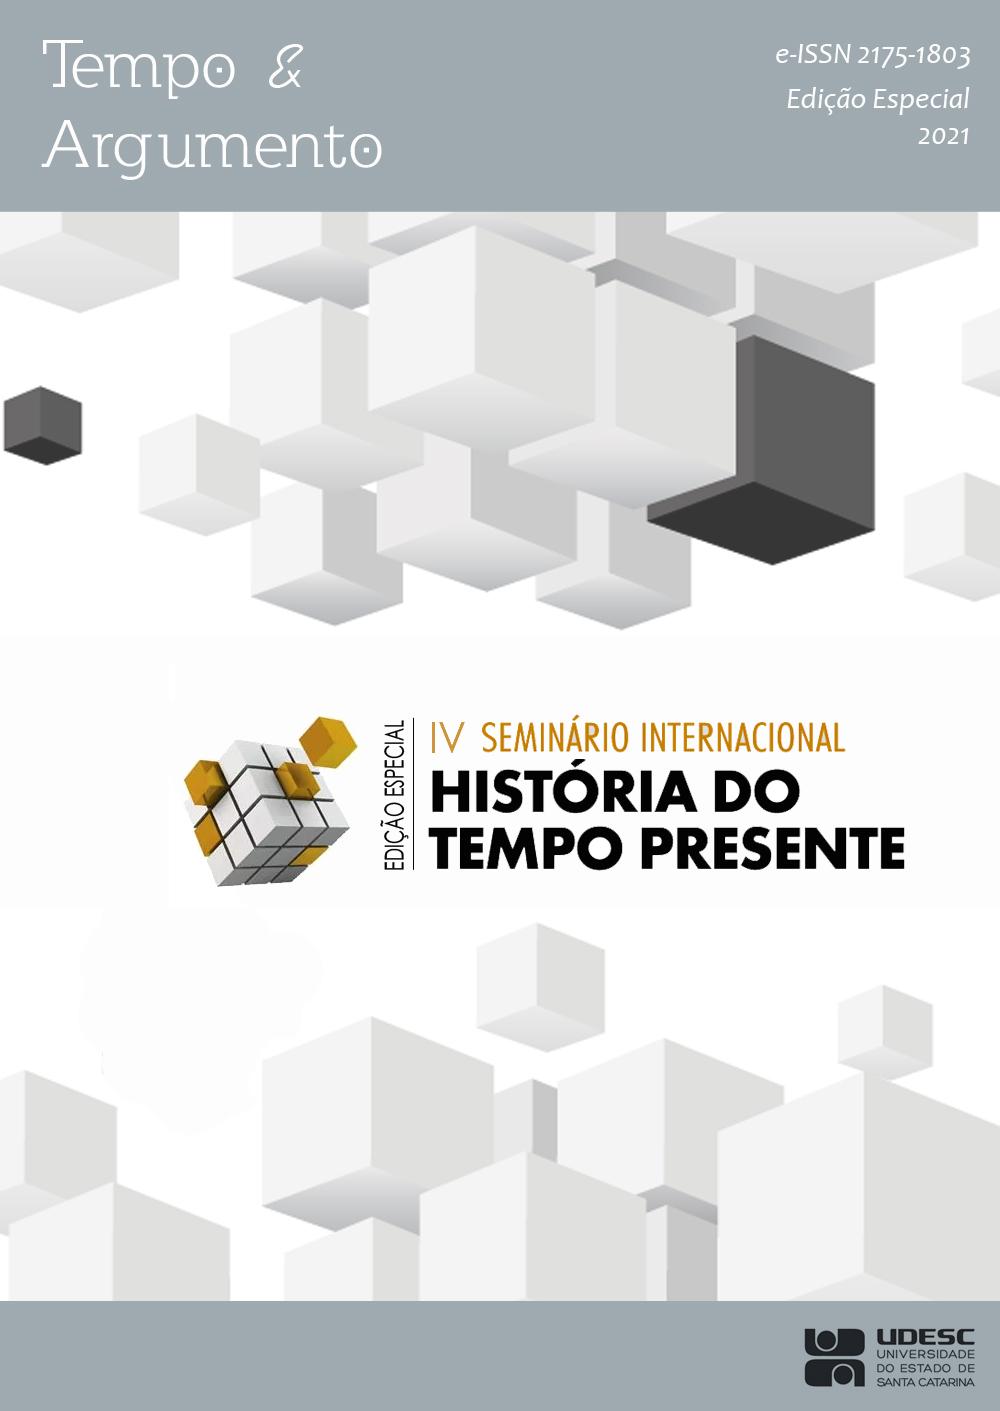 Visualizar 2021: Edição Especial - IV Seminário Internacional de História do Tempo Presente